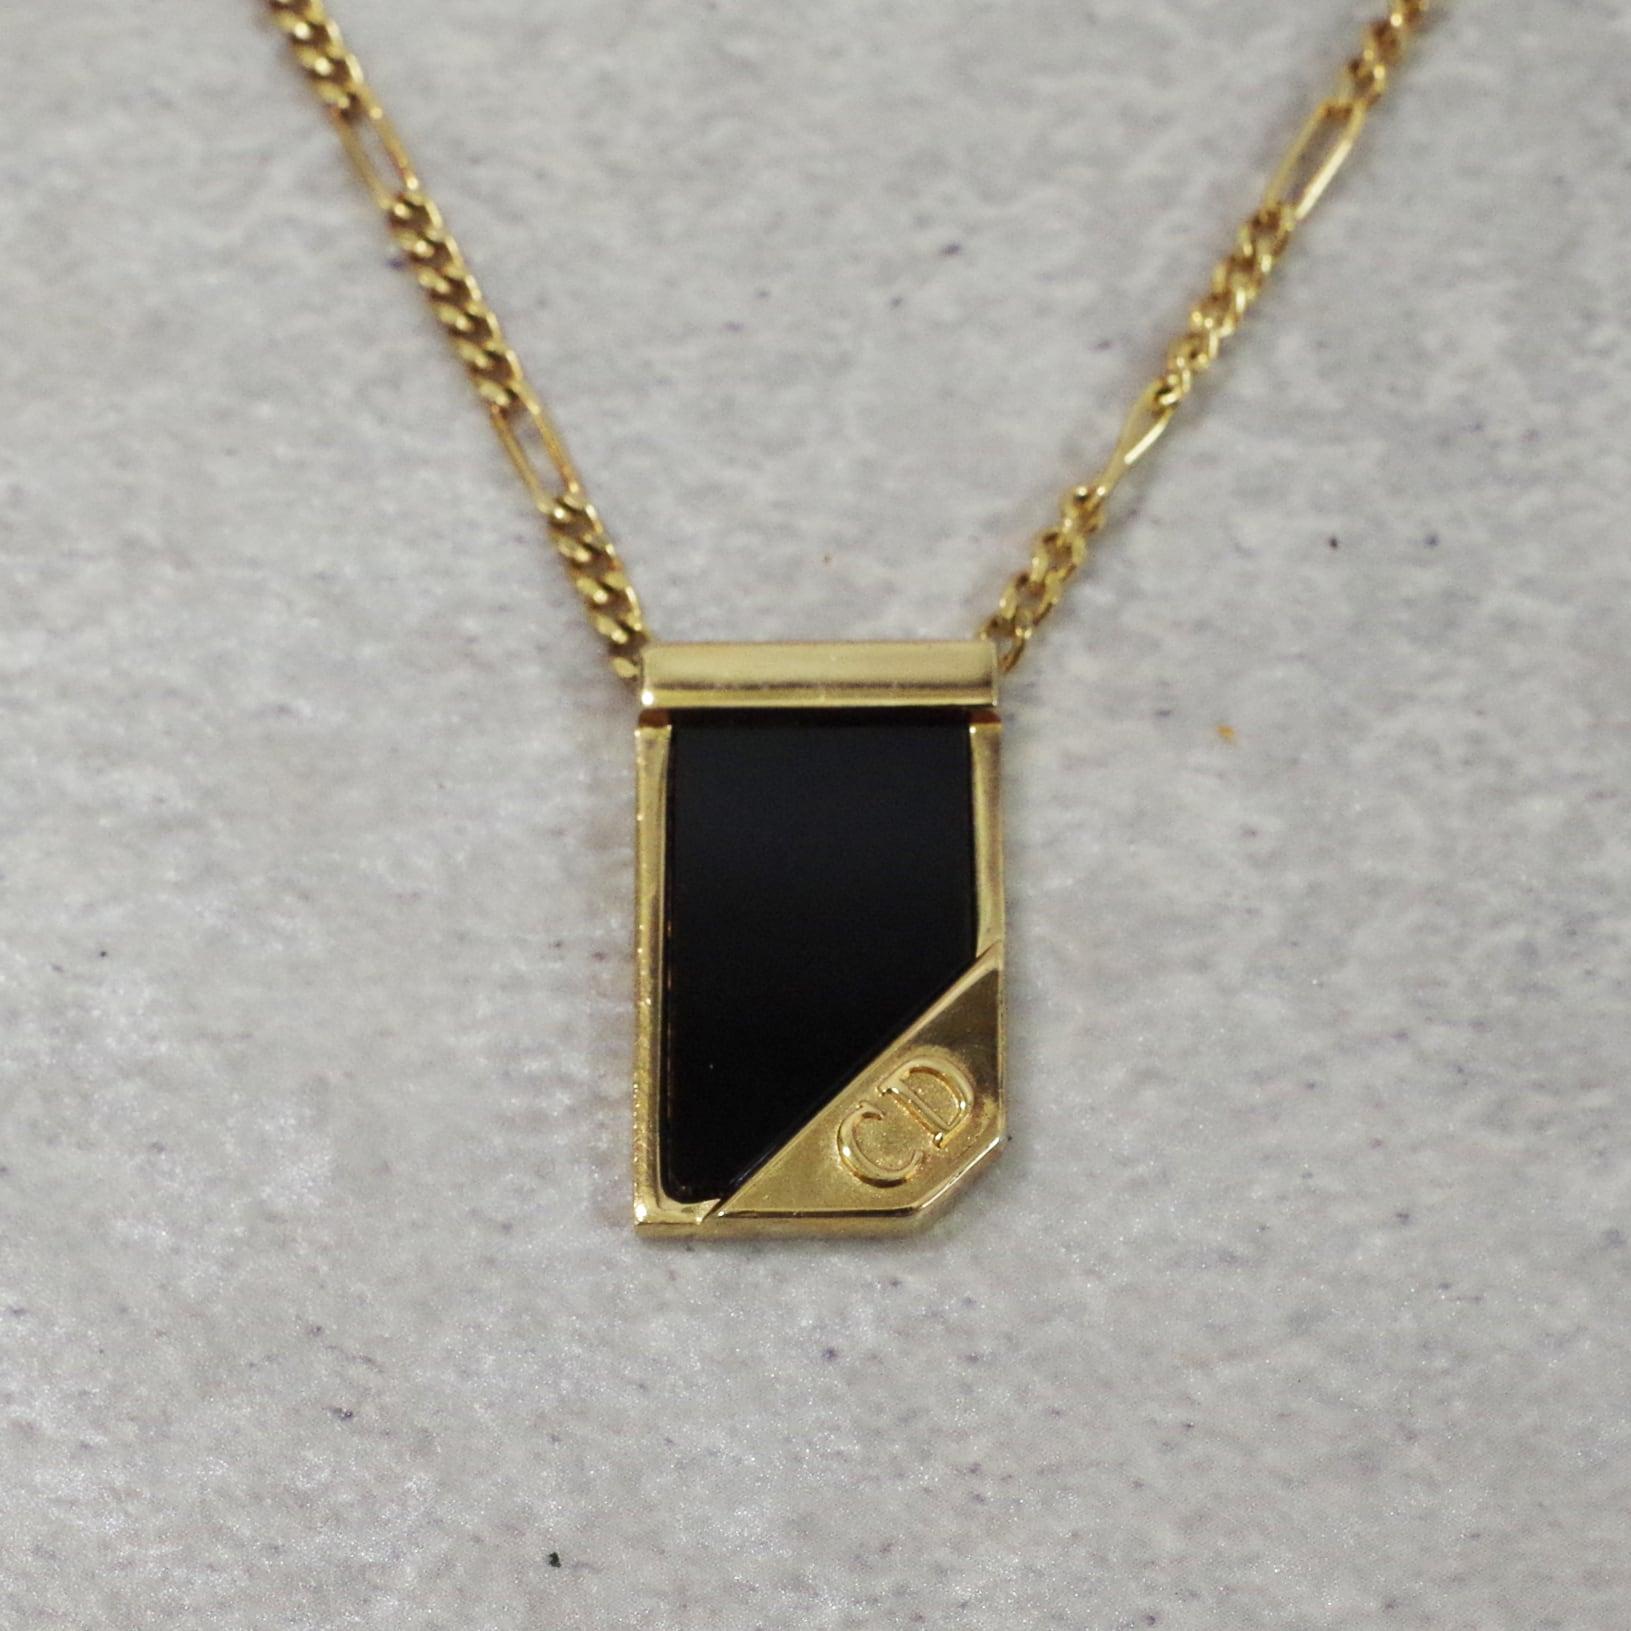 Christian Dior ディオール ネックレス ゴールド ブラック アクセサリー